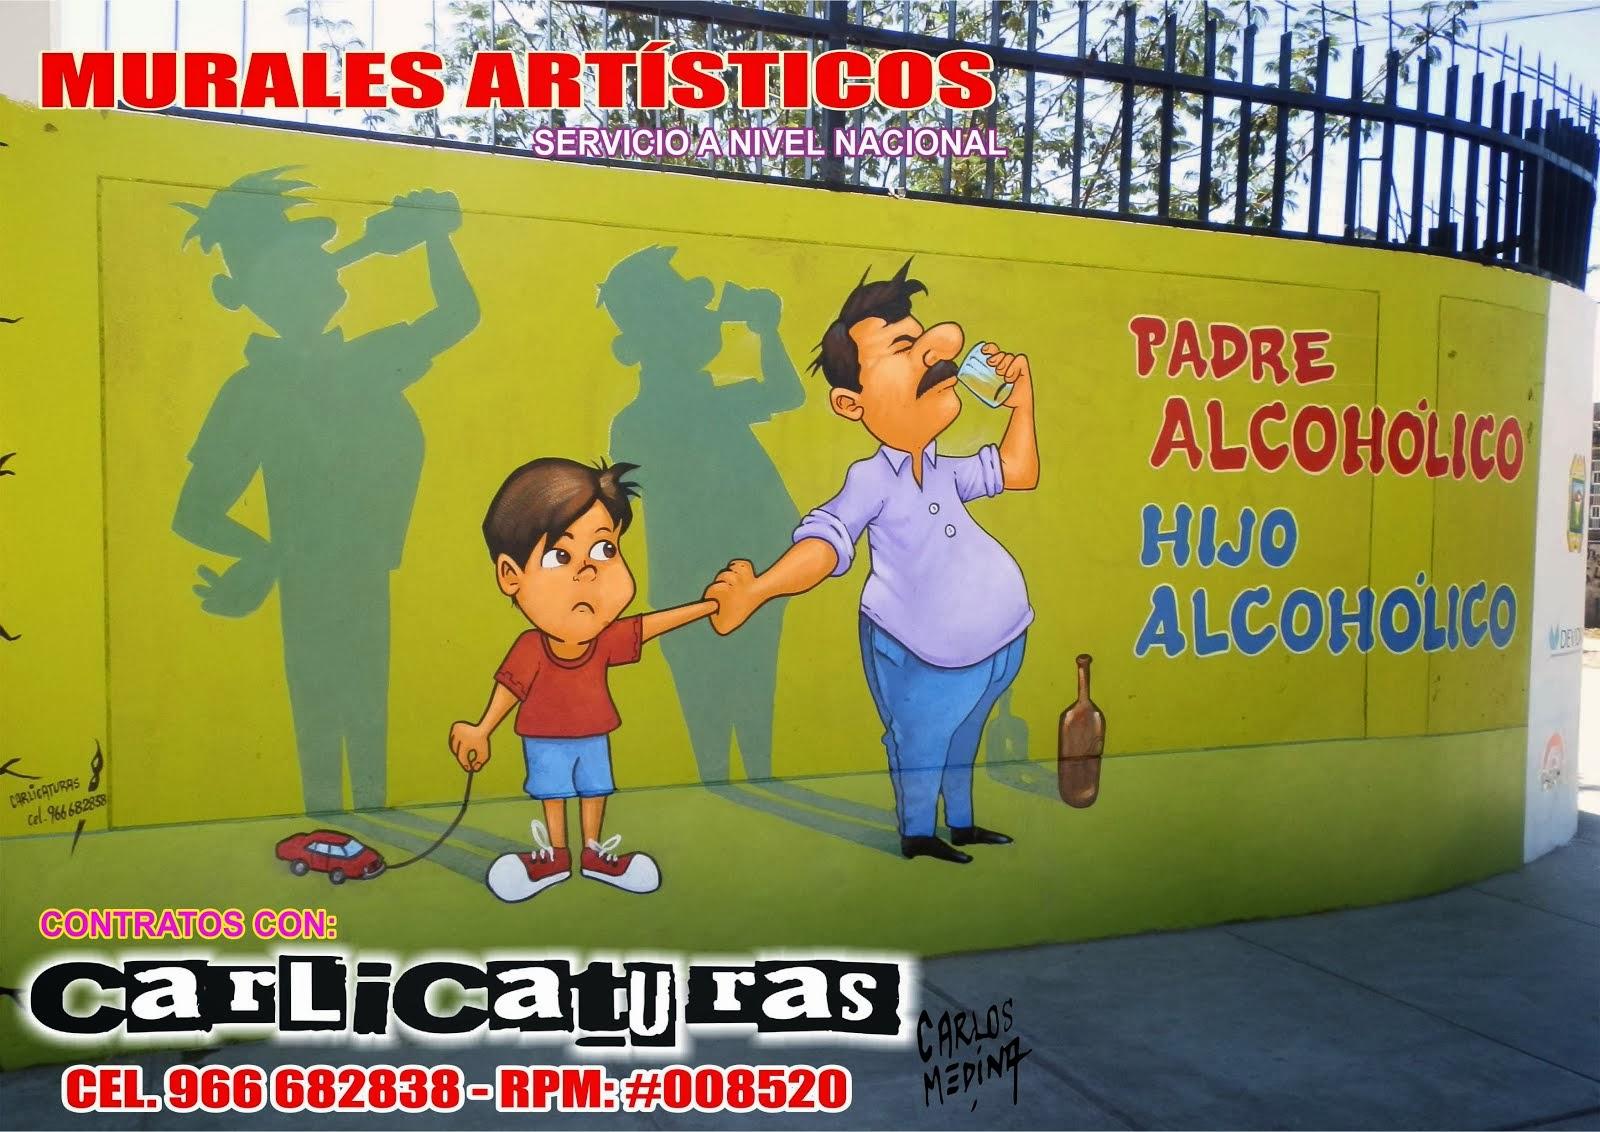 PINTAMOS MURALES ARTÍSTICOS EDUCATIVOS EN PERÚ, CONTRATOS AL CEL 966 682838